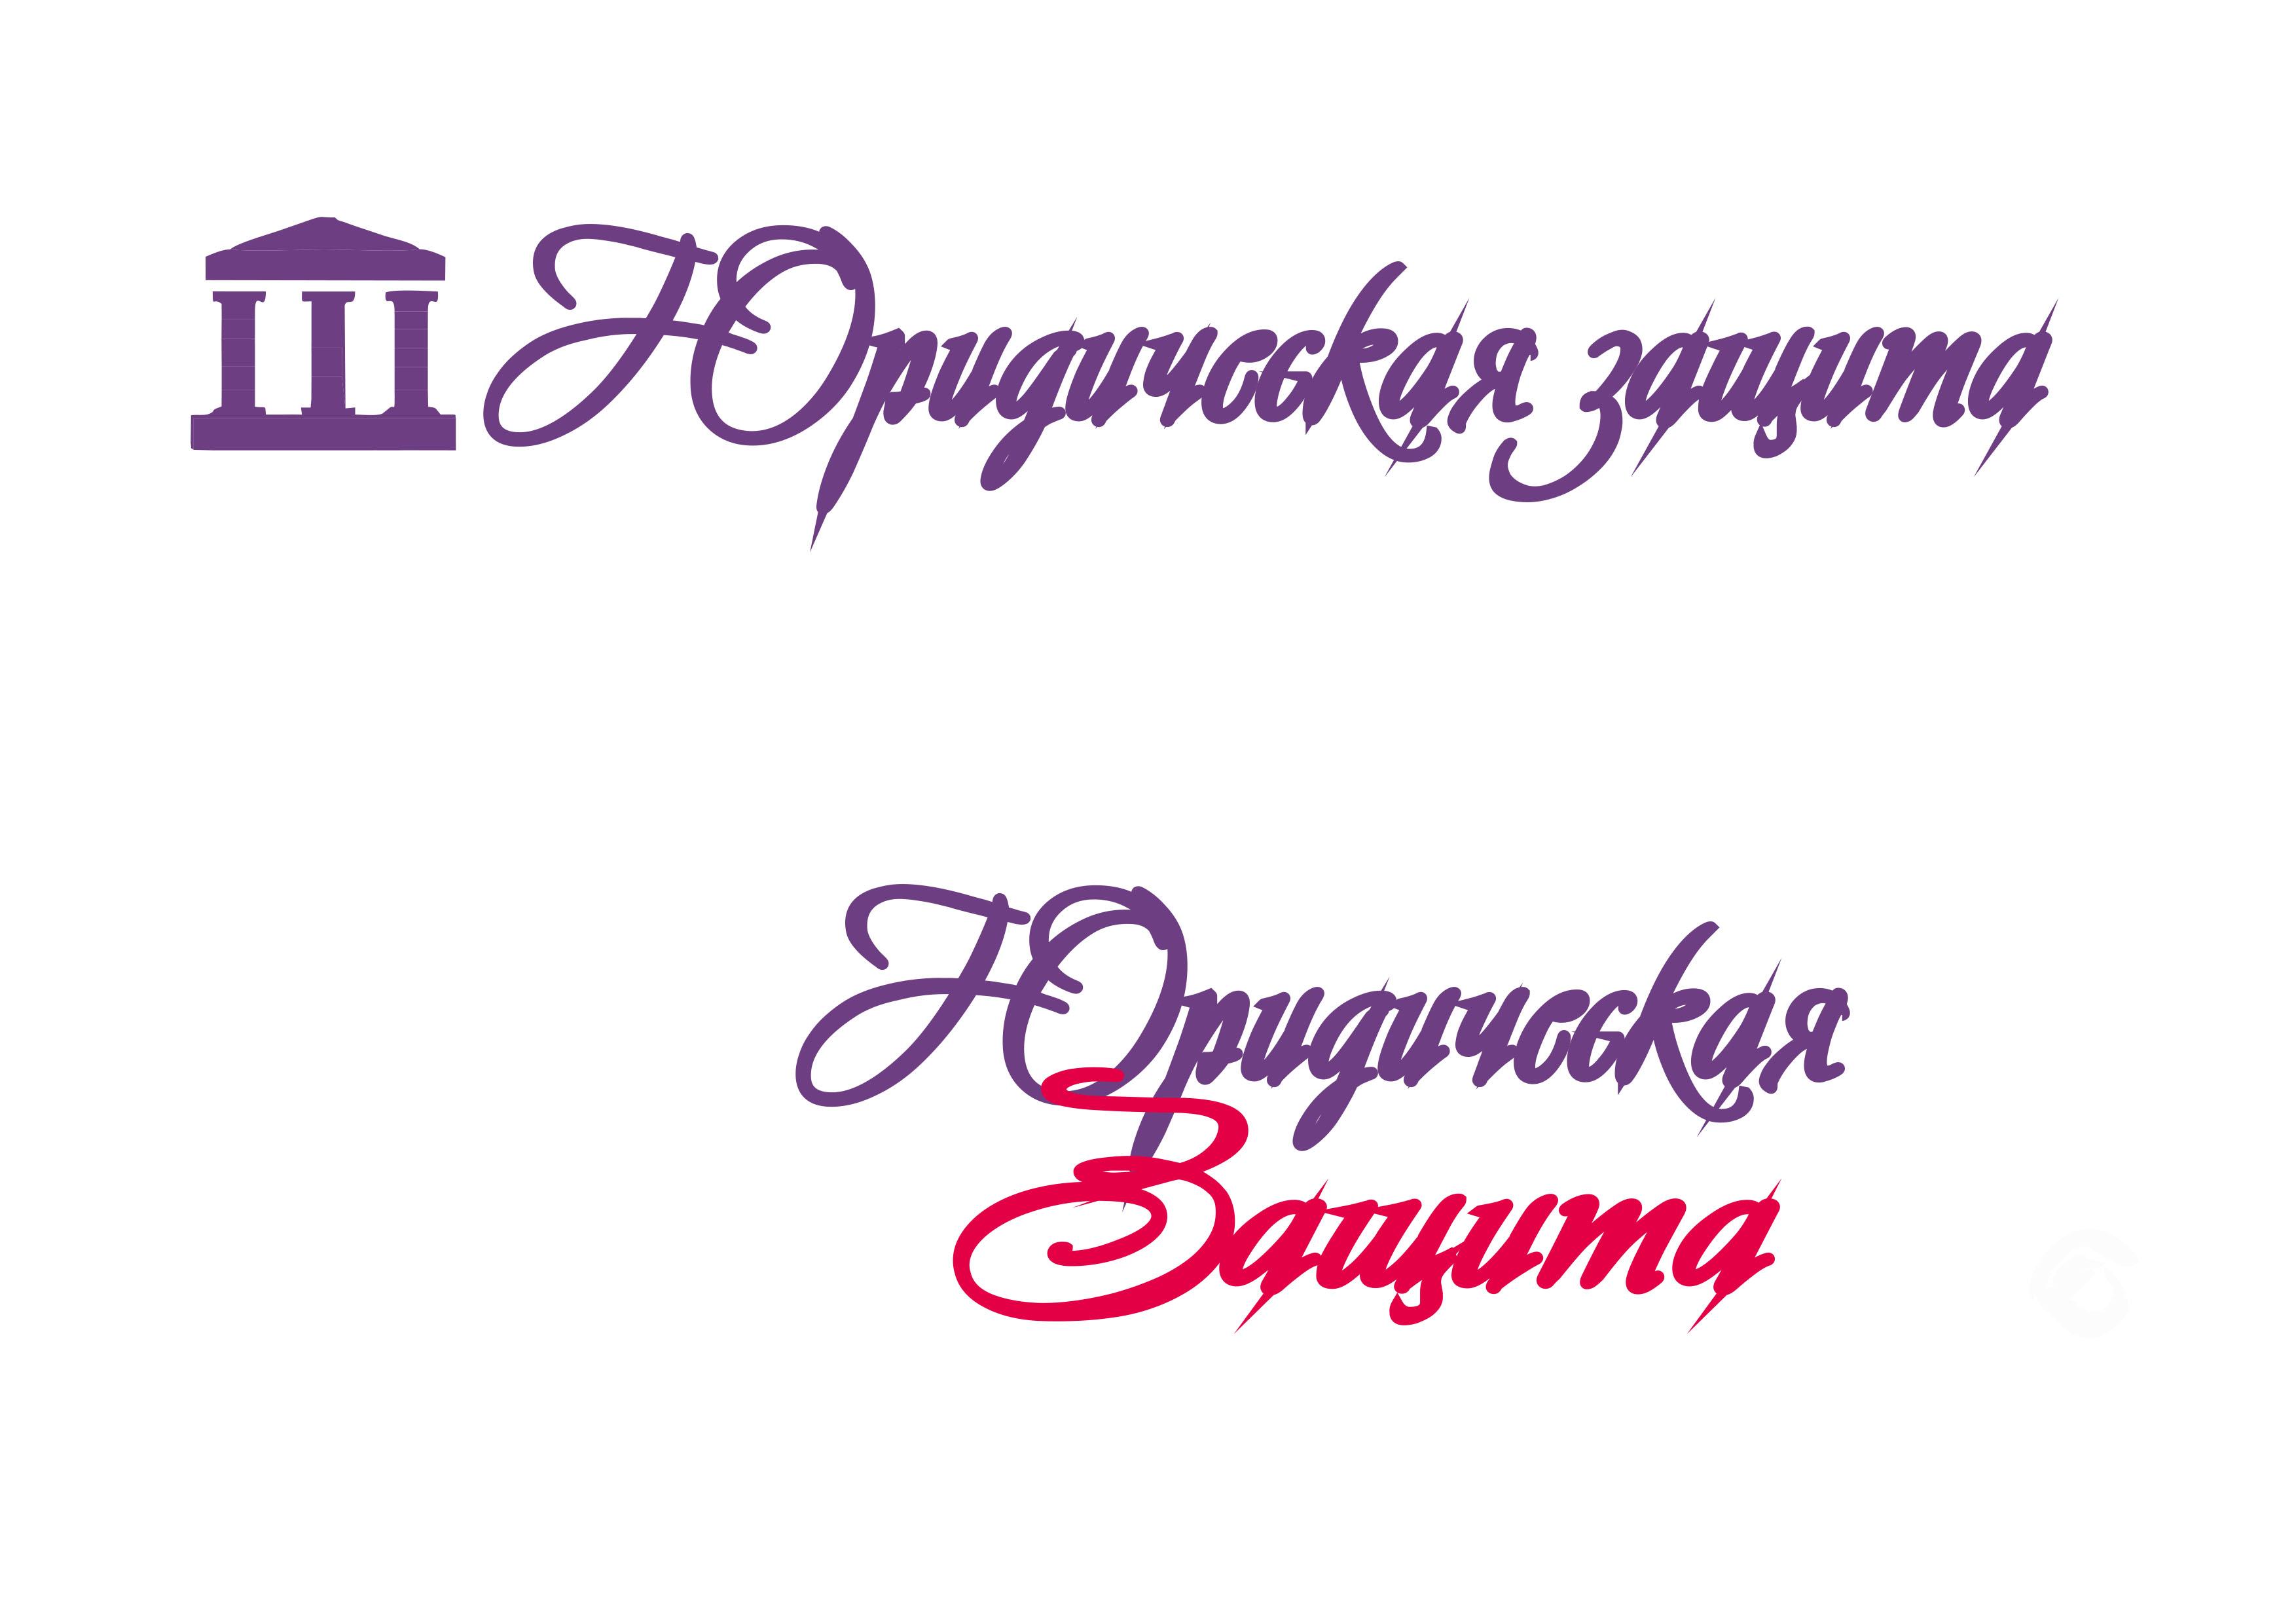 Разработка логотипа для юридической компании фото f_41055e15b191a3c2.jpg